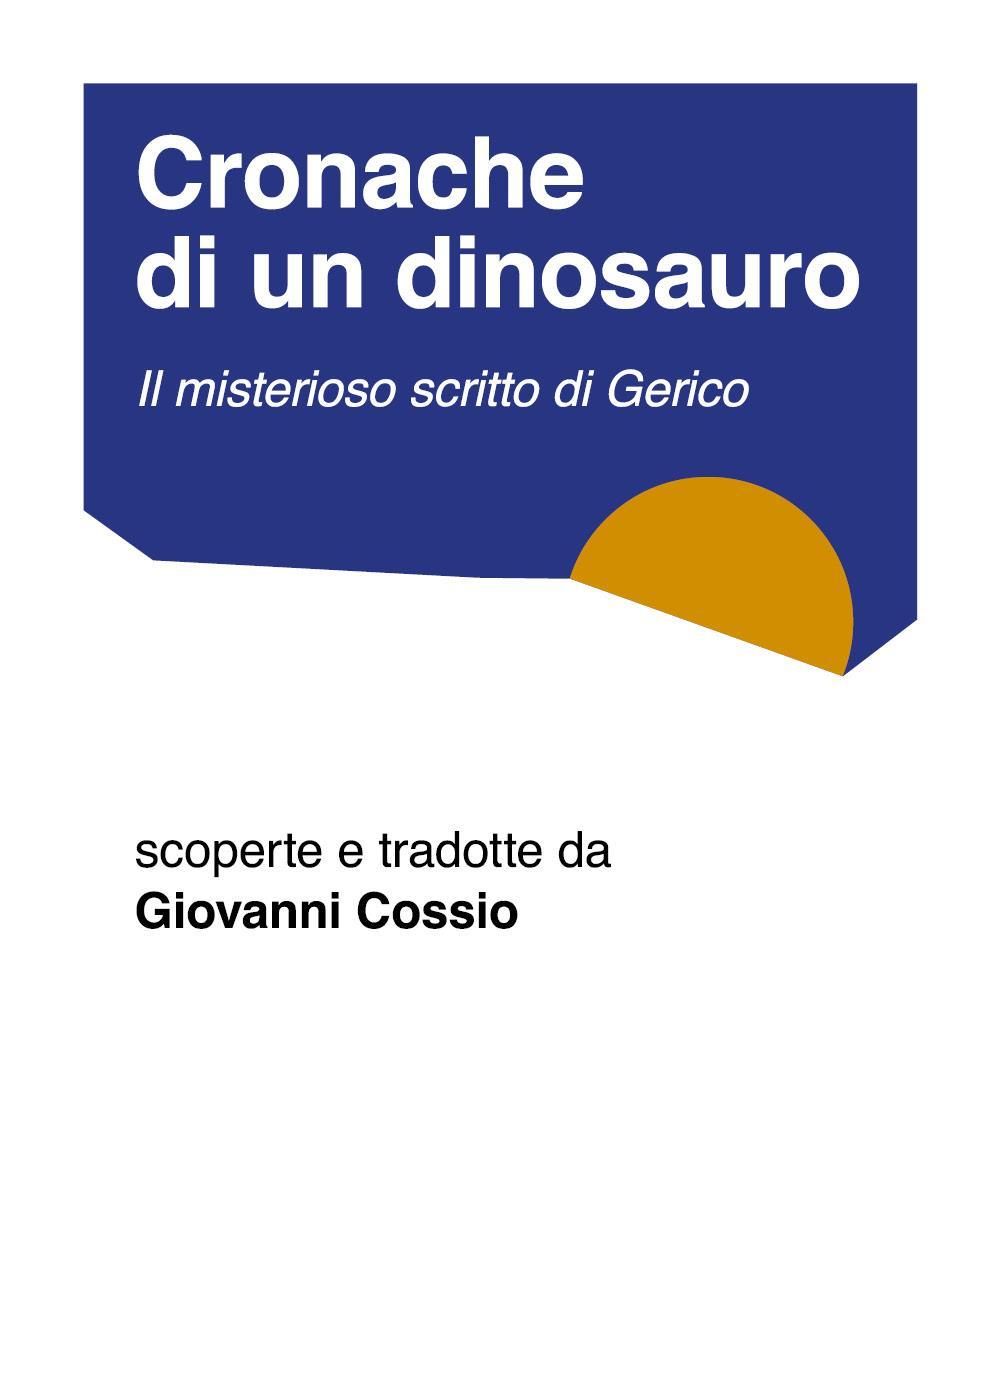 Cronache di un dinosauro. Il misterioso scritto di Gerico